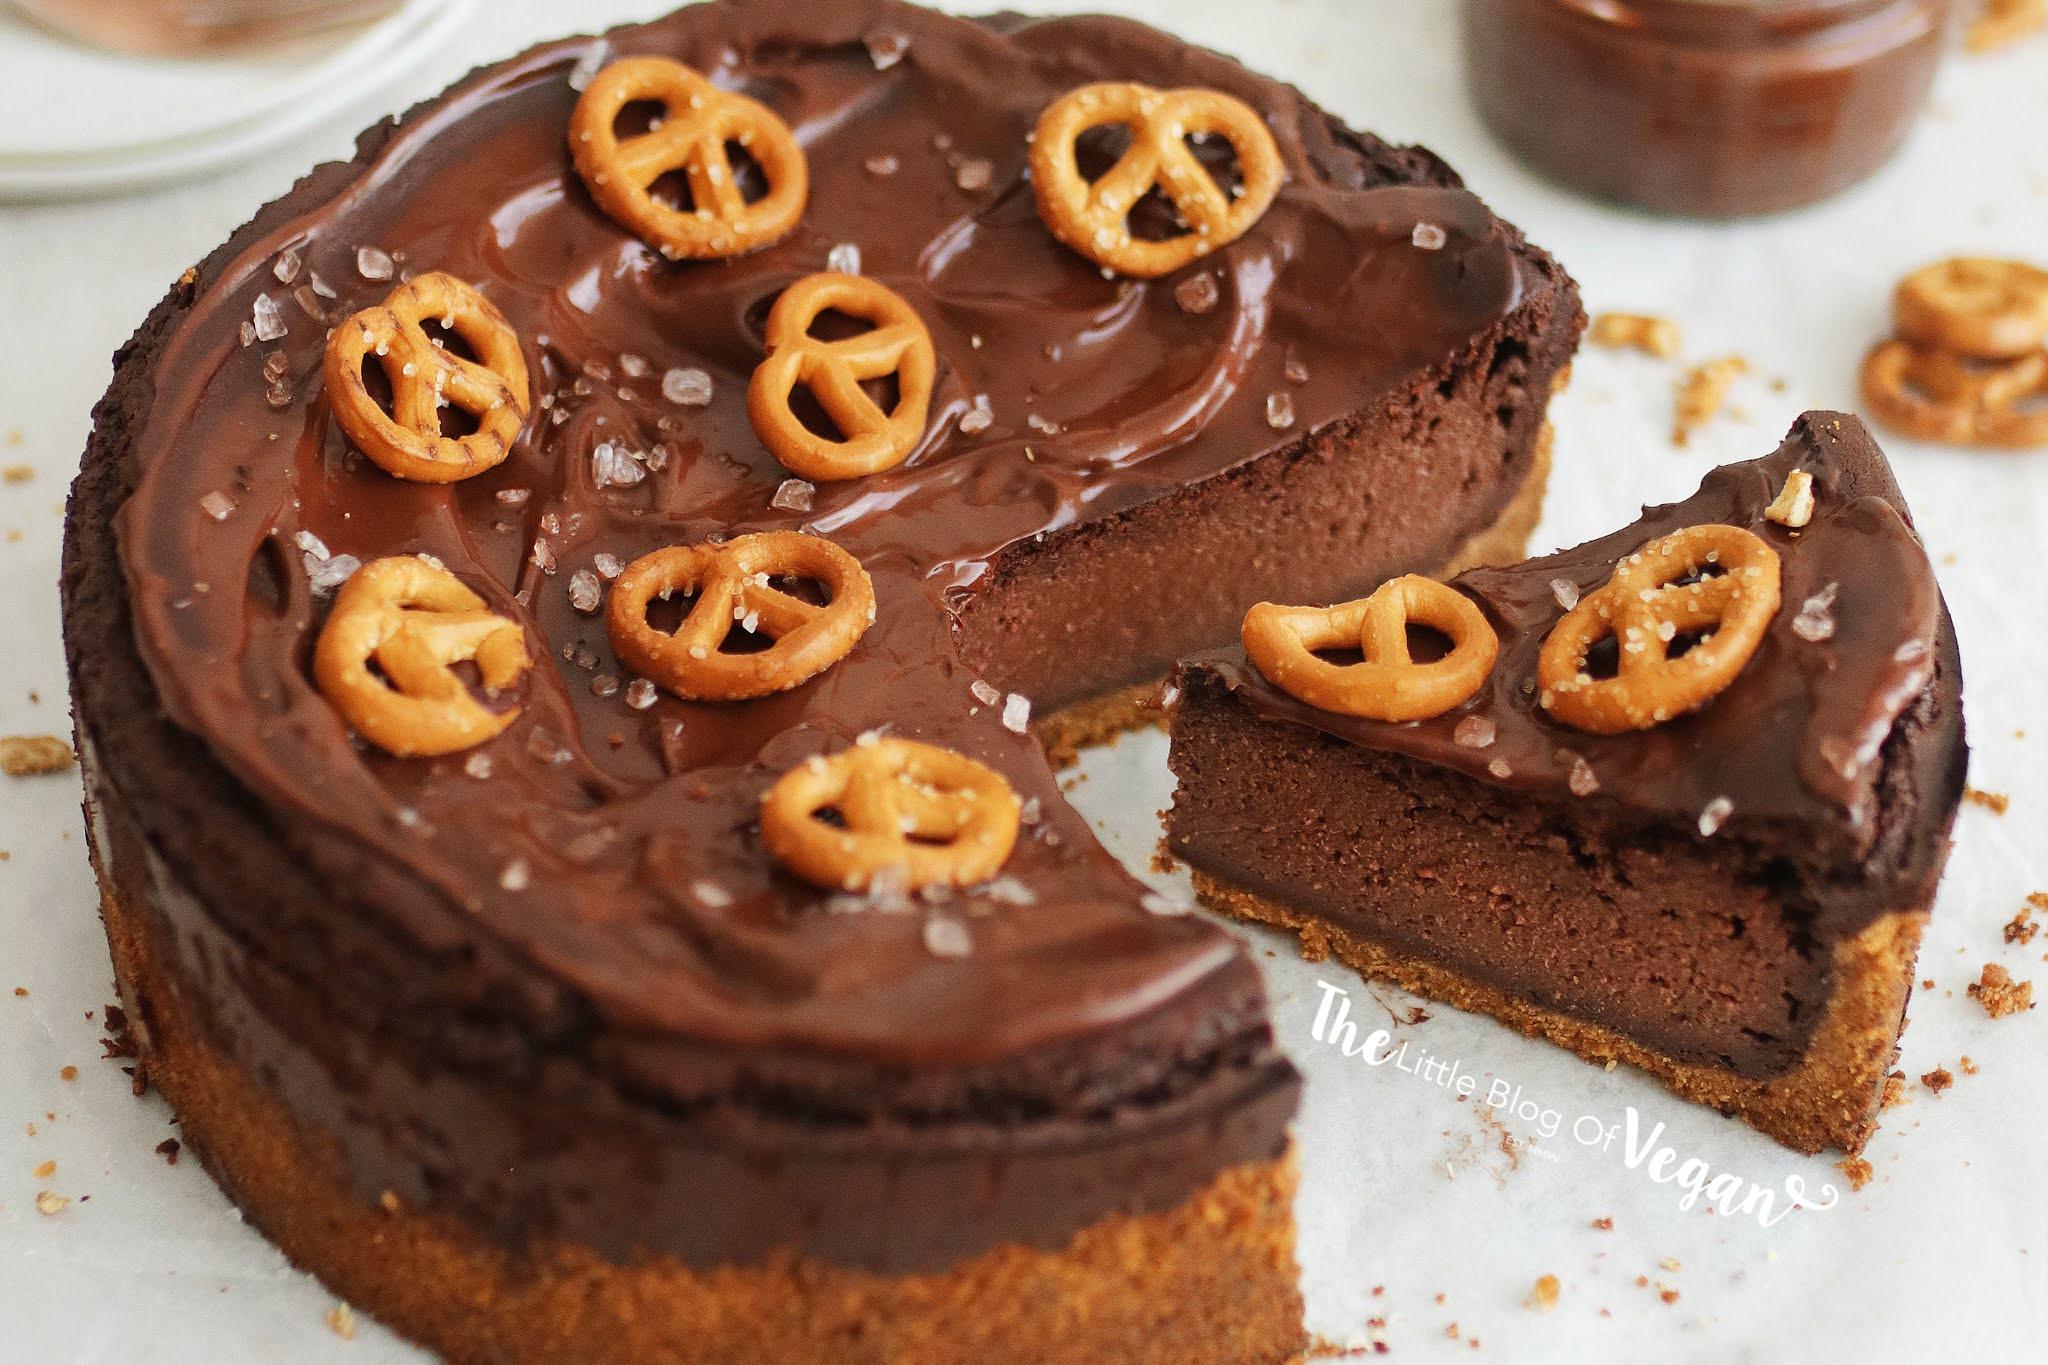 Baked Vegan Chocolate Cheesecake recipe